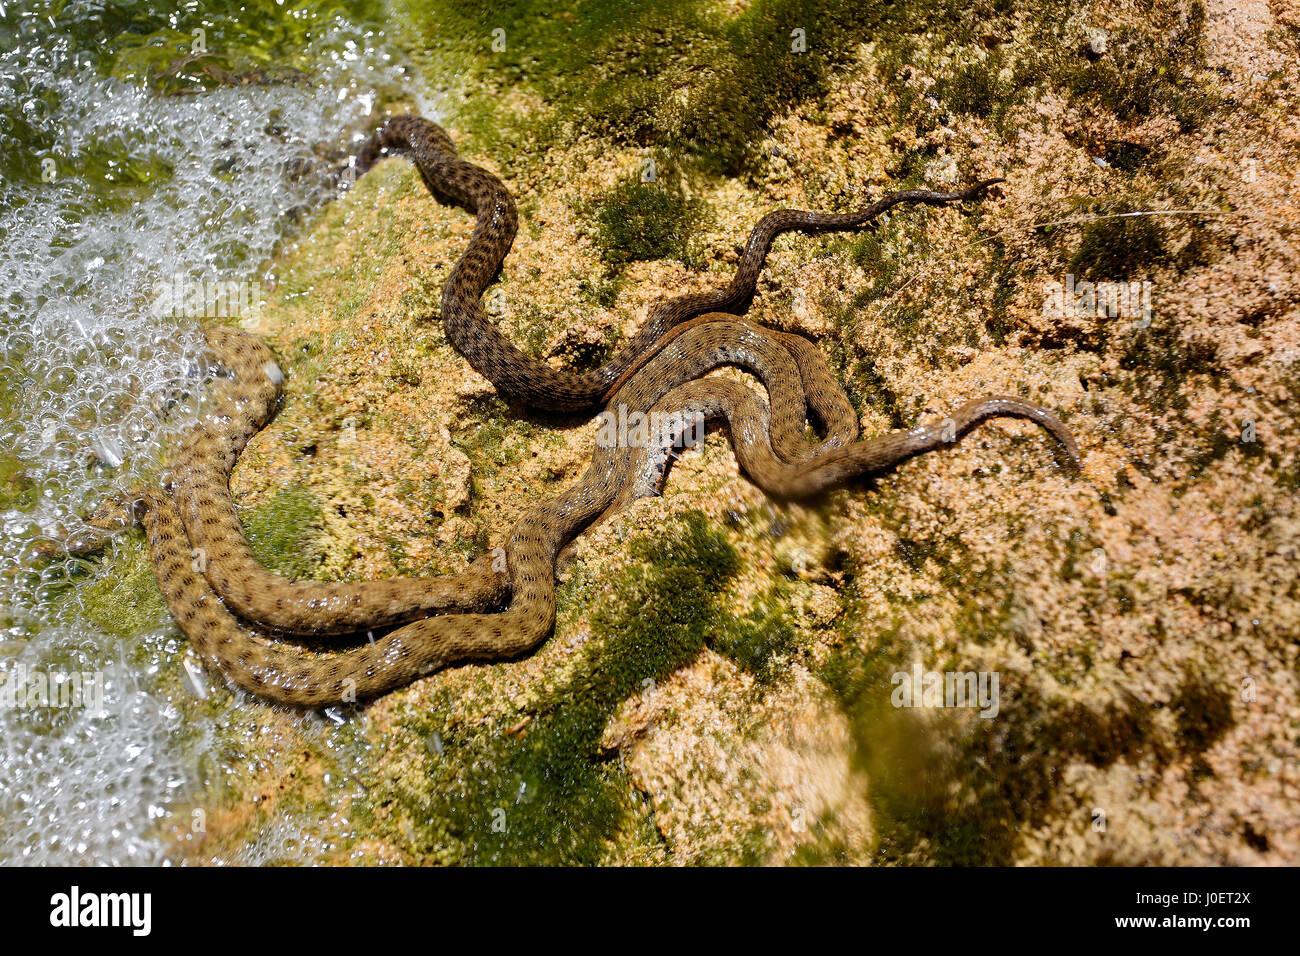 dice snakes in ambush - Stock Image